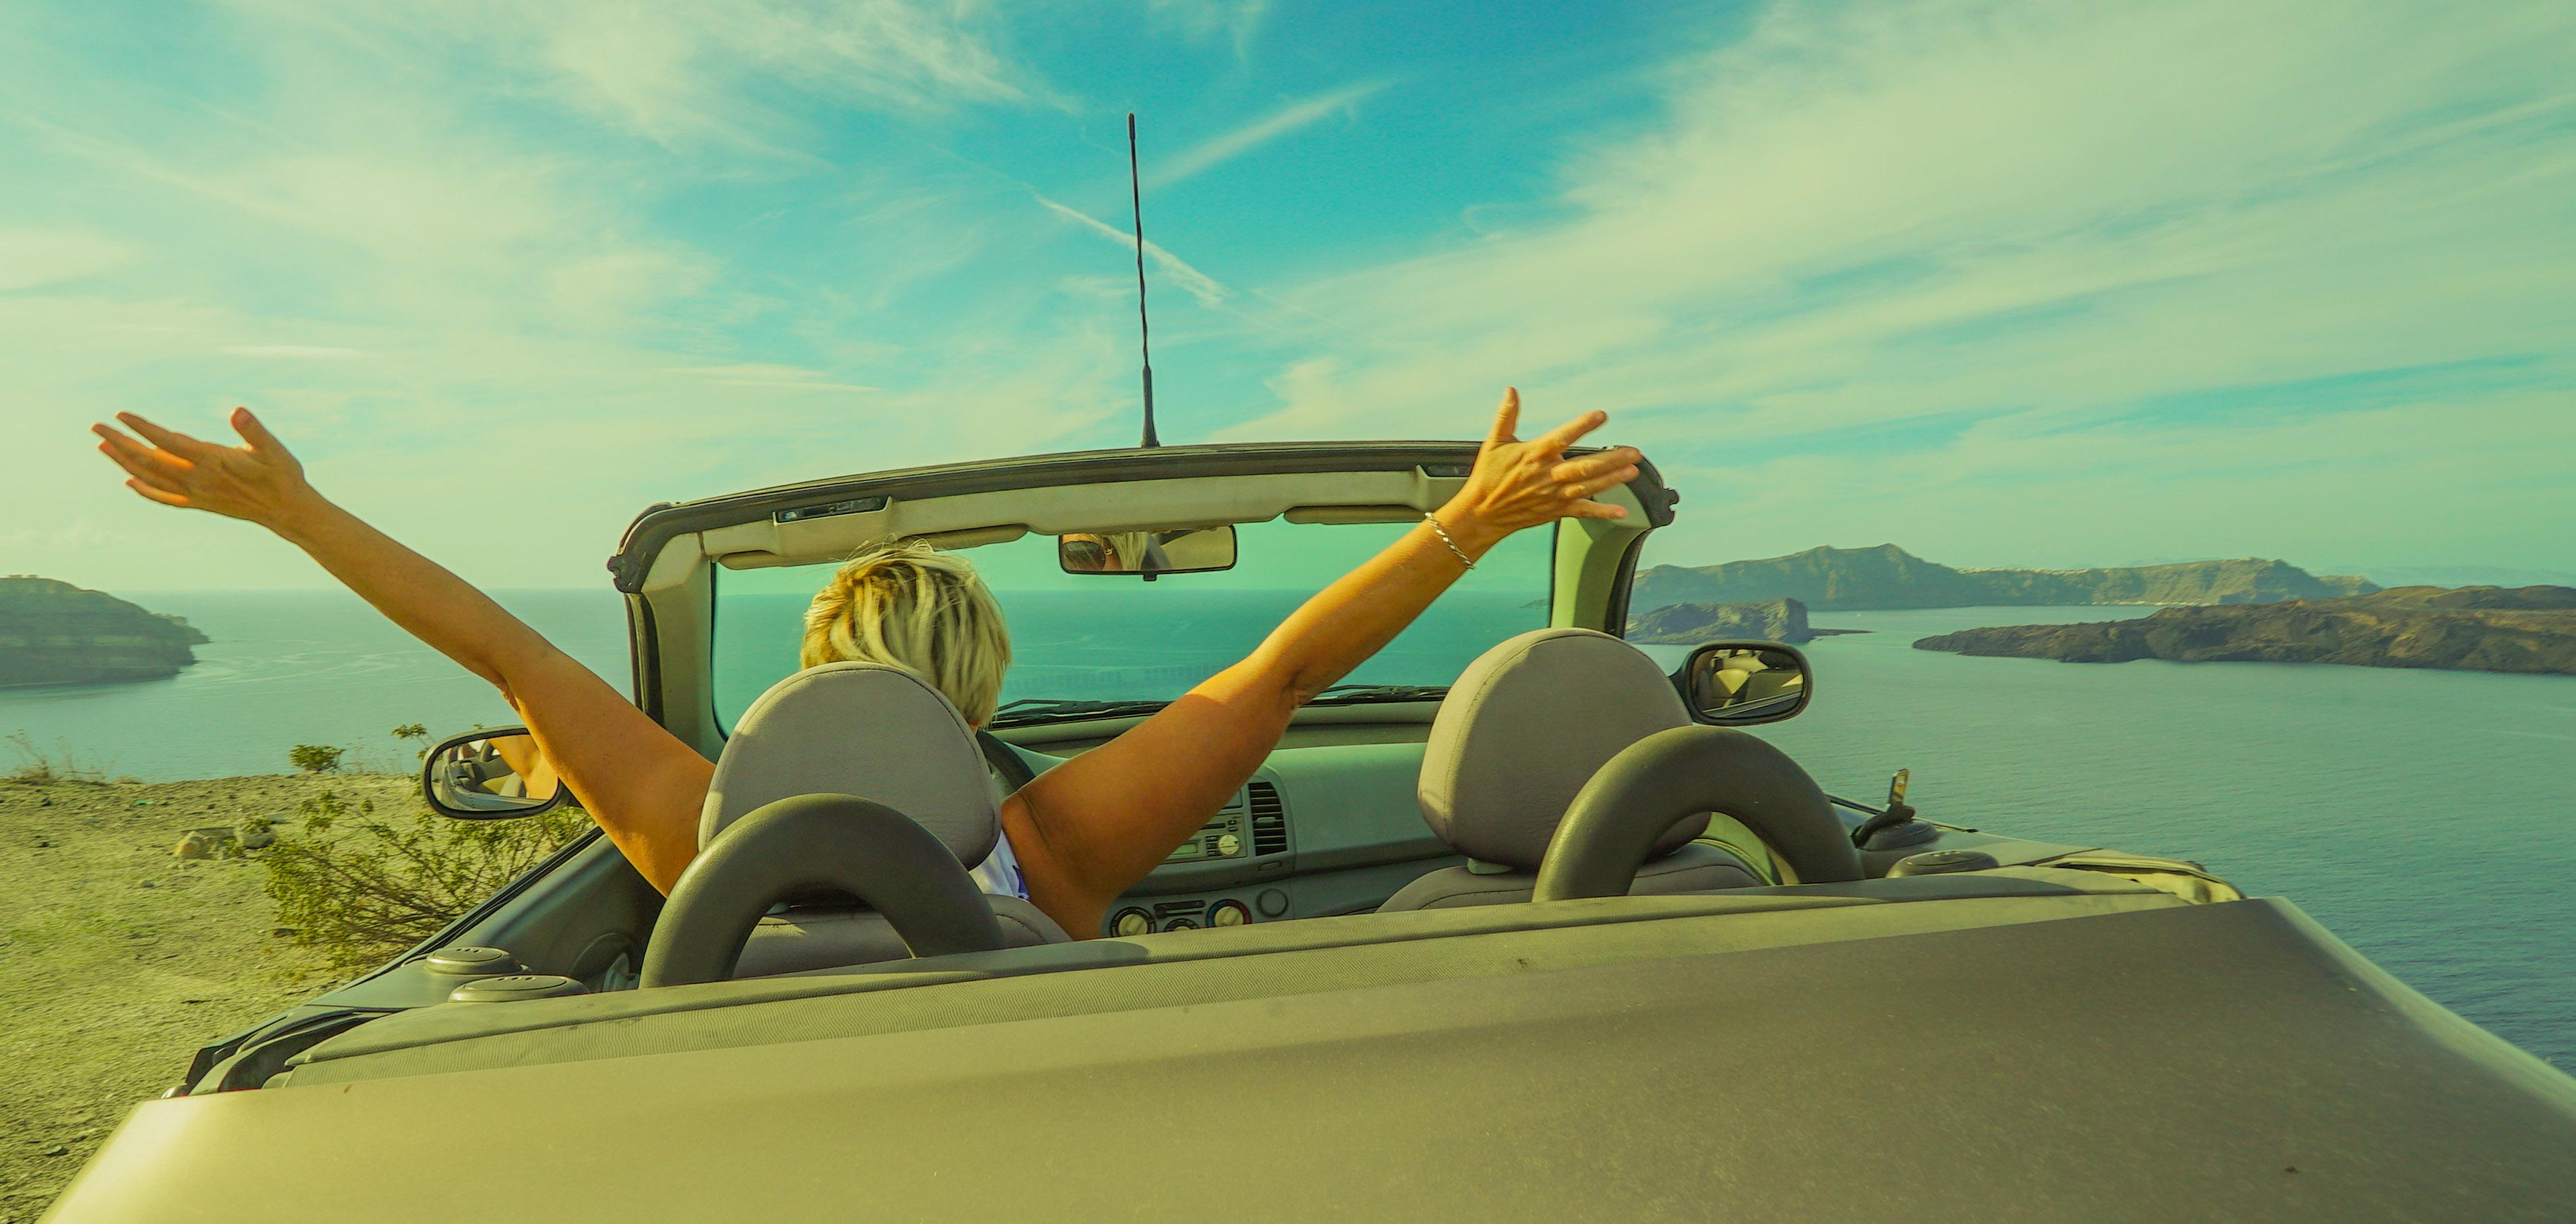 Inspirasjon- Iisa sitter i sin cabriolet med armene til værs og ser utover havet